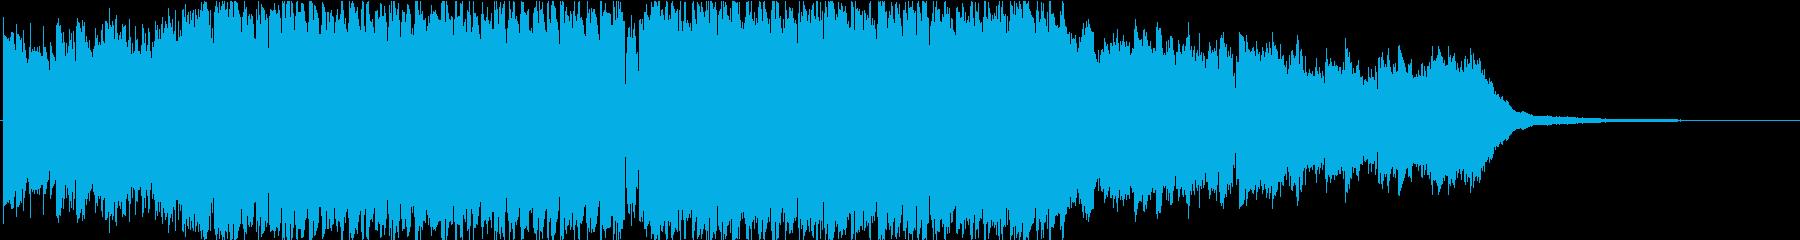 1分ver、陽気、楽しい、メロディックの再生済みの波形